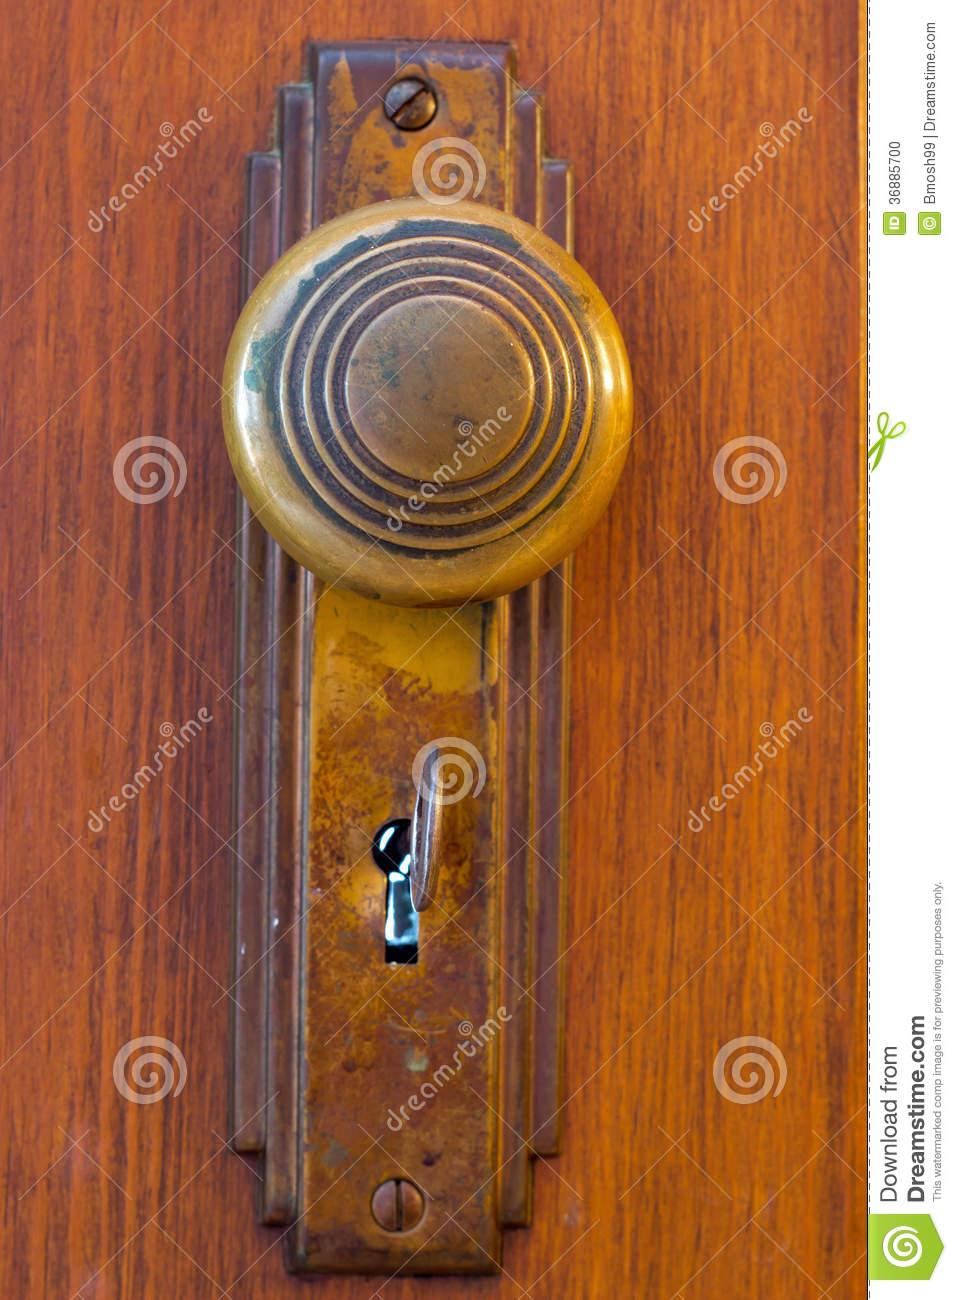 inside of a door knob photo - 18